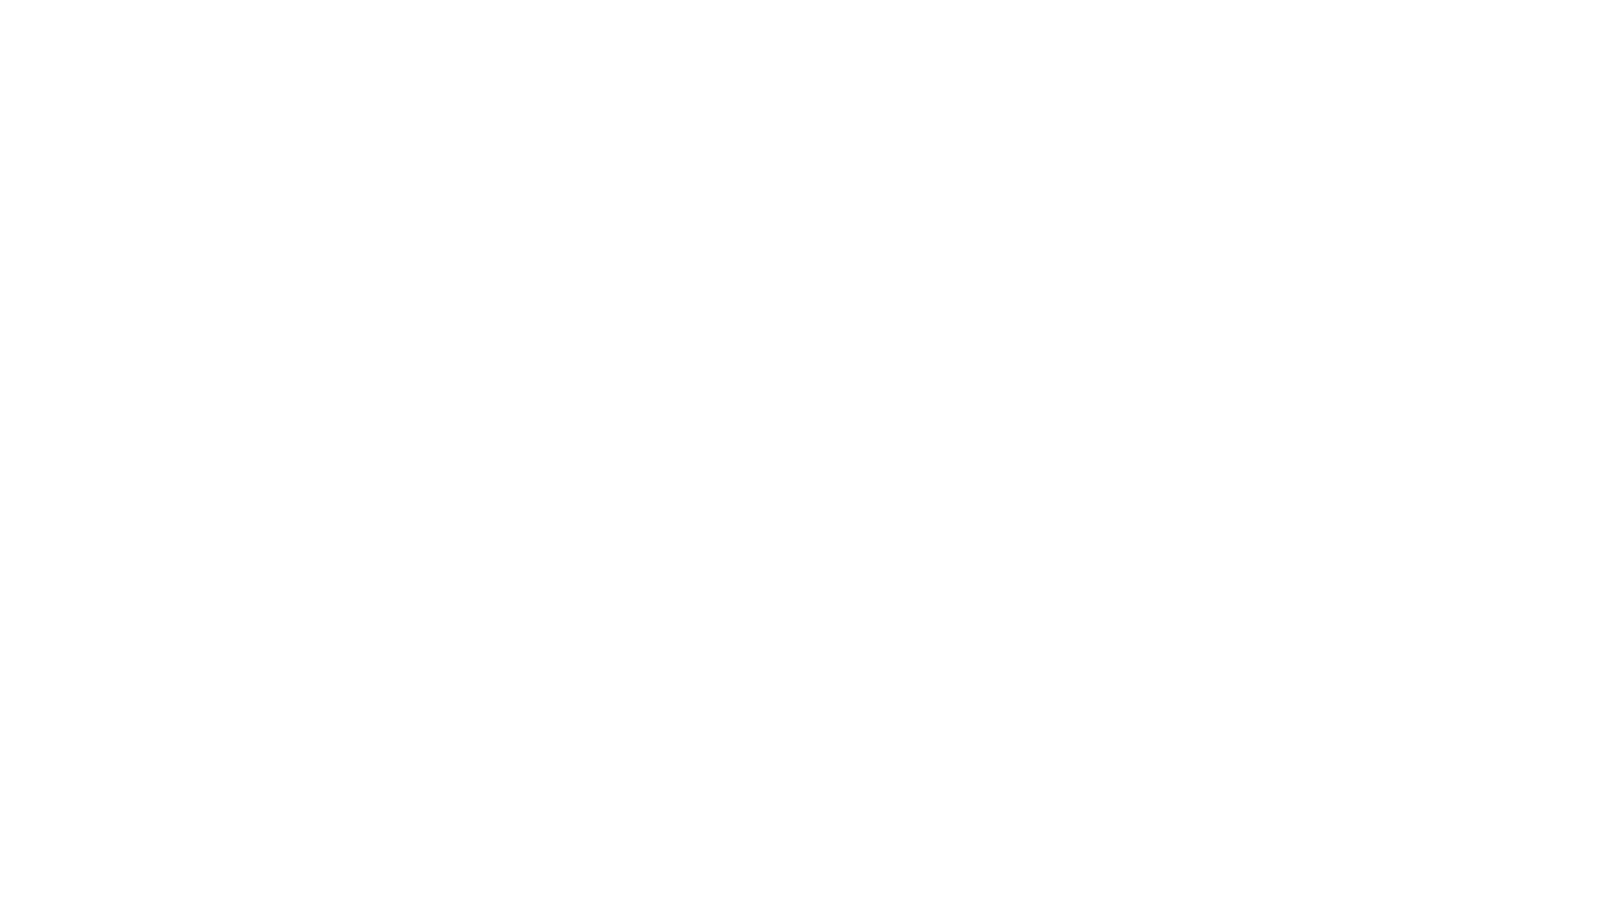 Download xml nfe auditoria  Neste vídeo apresentamos nosso sistema GESTÃO XML PROTHEUS TOTVS , funcionalidade de auditoria xml(NFE, CTE,CCE,MDFE,NFCE,NFSE) vs documento classificados no passado.   Quando um fiscal chegar a sua empresa , ira fazer uma série de cruzamentos de informações entre xml(NFE, CTE,CCE,MDFE,NFCE,NFSE) vs classificações de notas de entrada em seu ERP PROTHEUS TOTVS.   Nosso sistema, não somente importa todos os xmls do Brasil, notas de serviço e automatiza processo de entrada de notas, mas sim audita dados fiscais do seu passado ajudando sua empresa a se precaver para possíveis multas ou apresentar créditos de impostos que possa ter.  Ainda mais, sem necessidade de integrações com software na Web, tudo dentro do seu ERP PROTHEUS TOTVS.  Se você não tem o PROTHEUS, entre em contato conosco e saiba como adquirir o PROTHEUS  e mais este módulo de GESTÃO XML PROTHEUS.  ---------------------------------------------------------------------------------------------------- Links relacionados   1. Multa por não ter xml armazenados      https://bit.ly/2OO8nyk     https://bit.ly/2ZLlEhE  2. Sistema de GESTÃO XML TOTVS PROTHEUS  Além de arquivamento, automação /robotização de entrada de   documentos, efetua uma auditoria completa entre xmls e documentos classificados no PROTHEUS  https://www.importaxml.com.br/